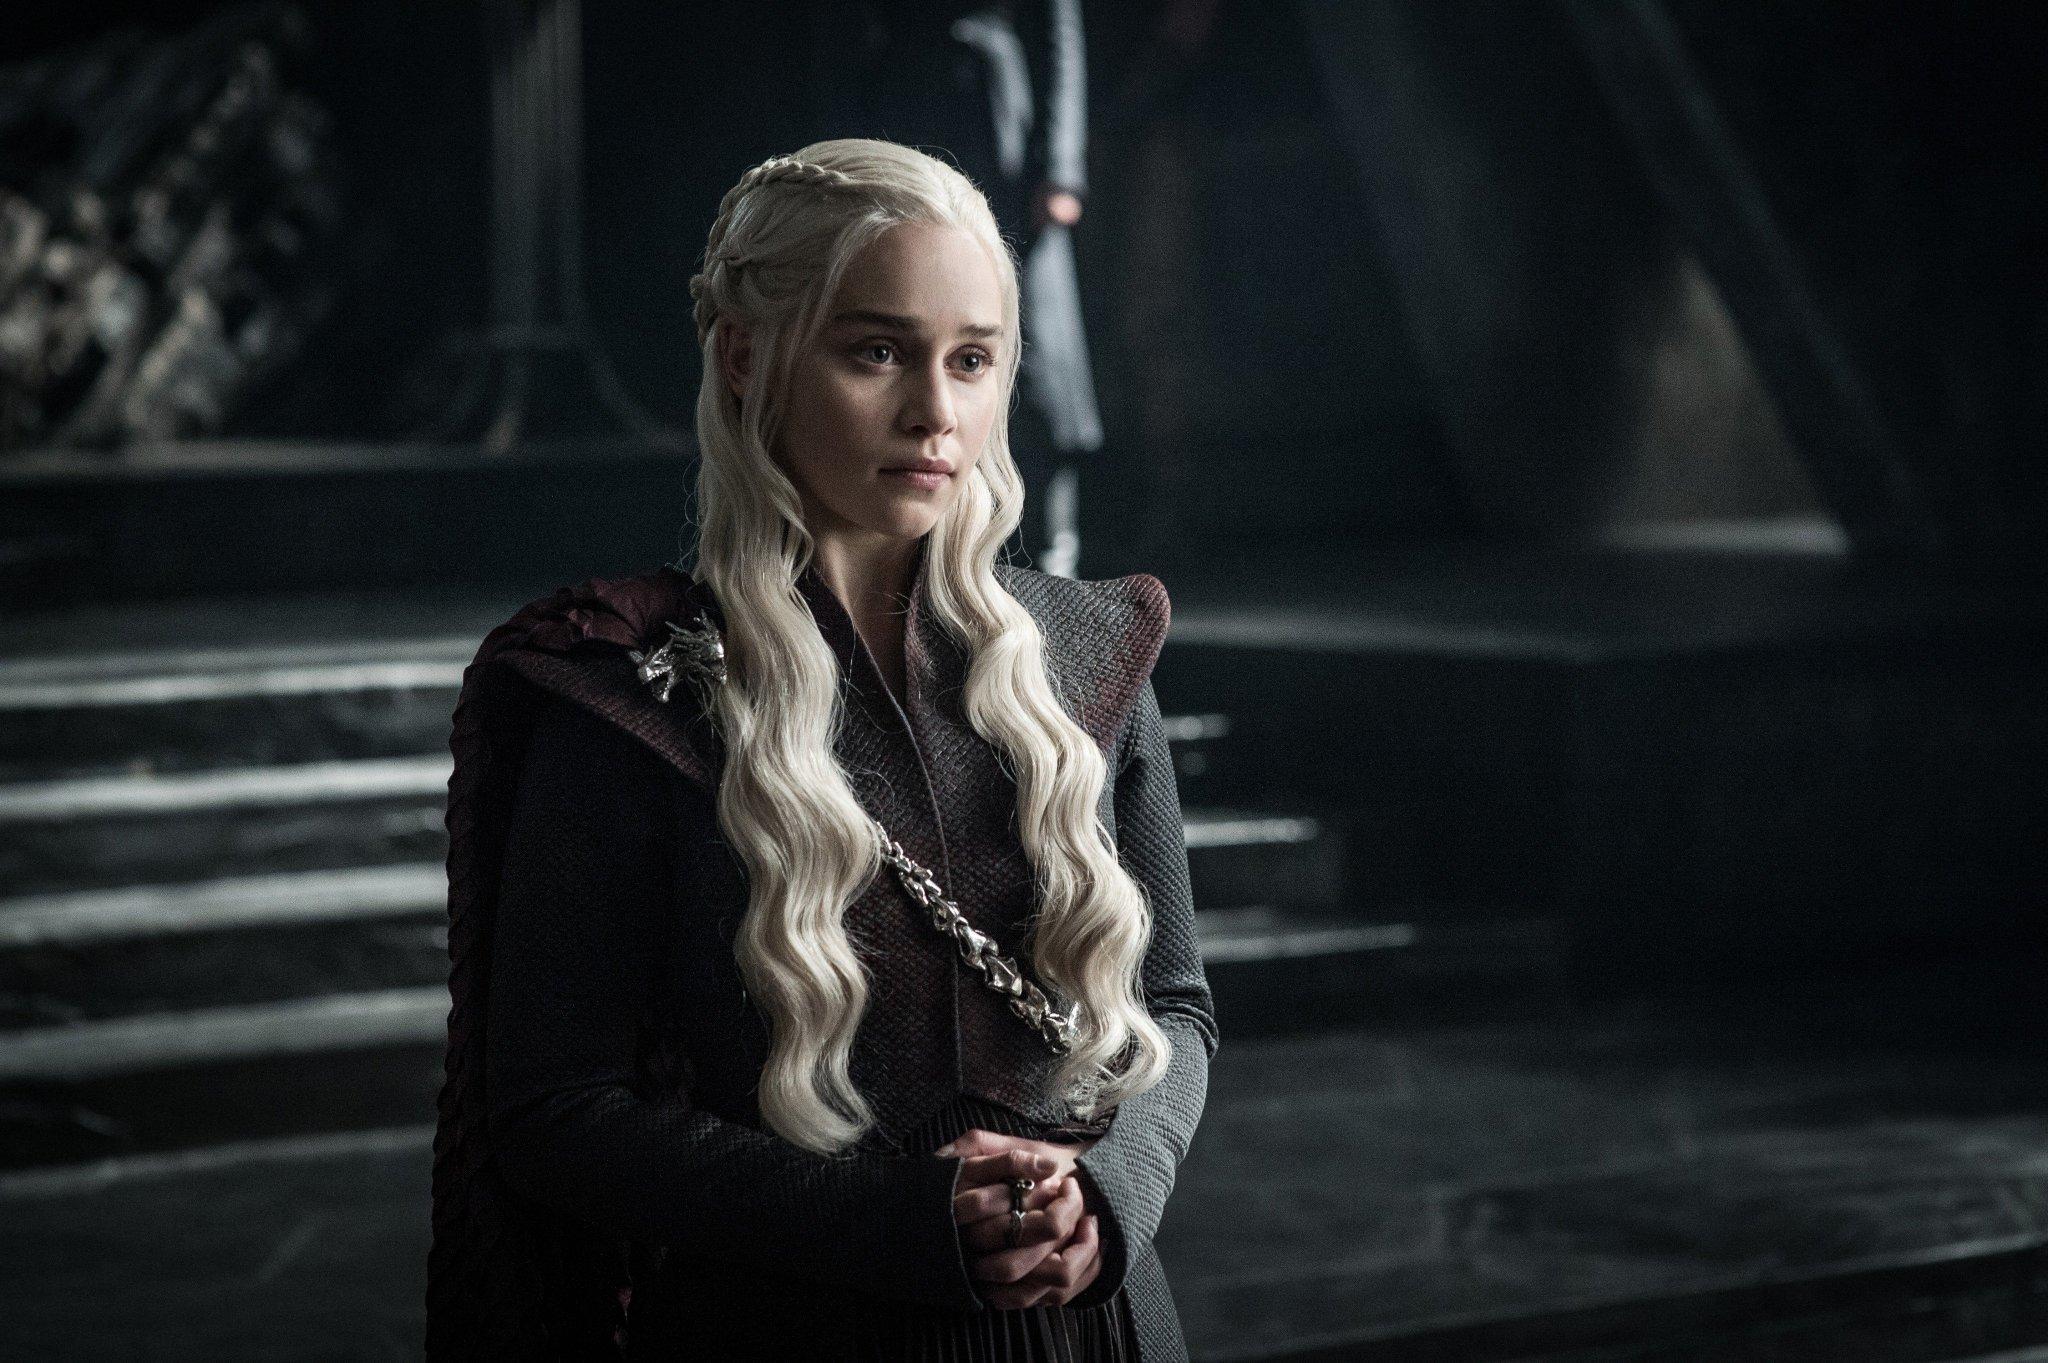 .@emiliaclarke as Daenerys Targaryen. #GoTS7 #GameofThrones (Photo Helen: Sloan/HBO) https://t.co/yM4rV5TWRP